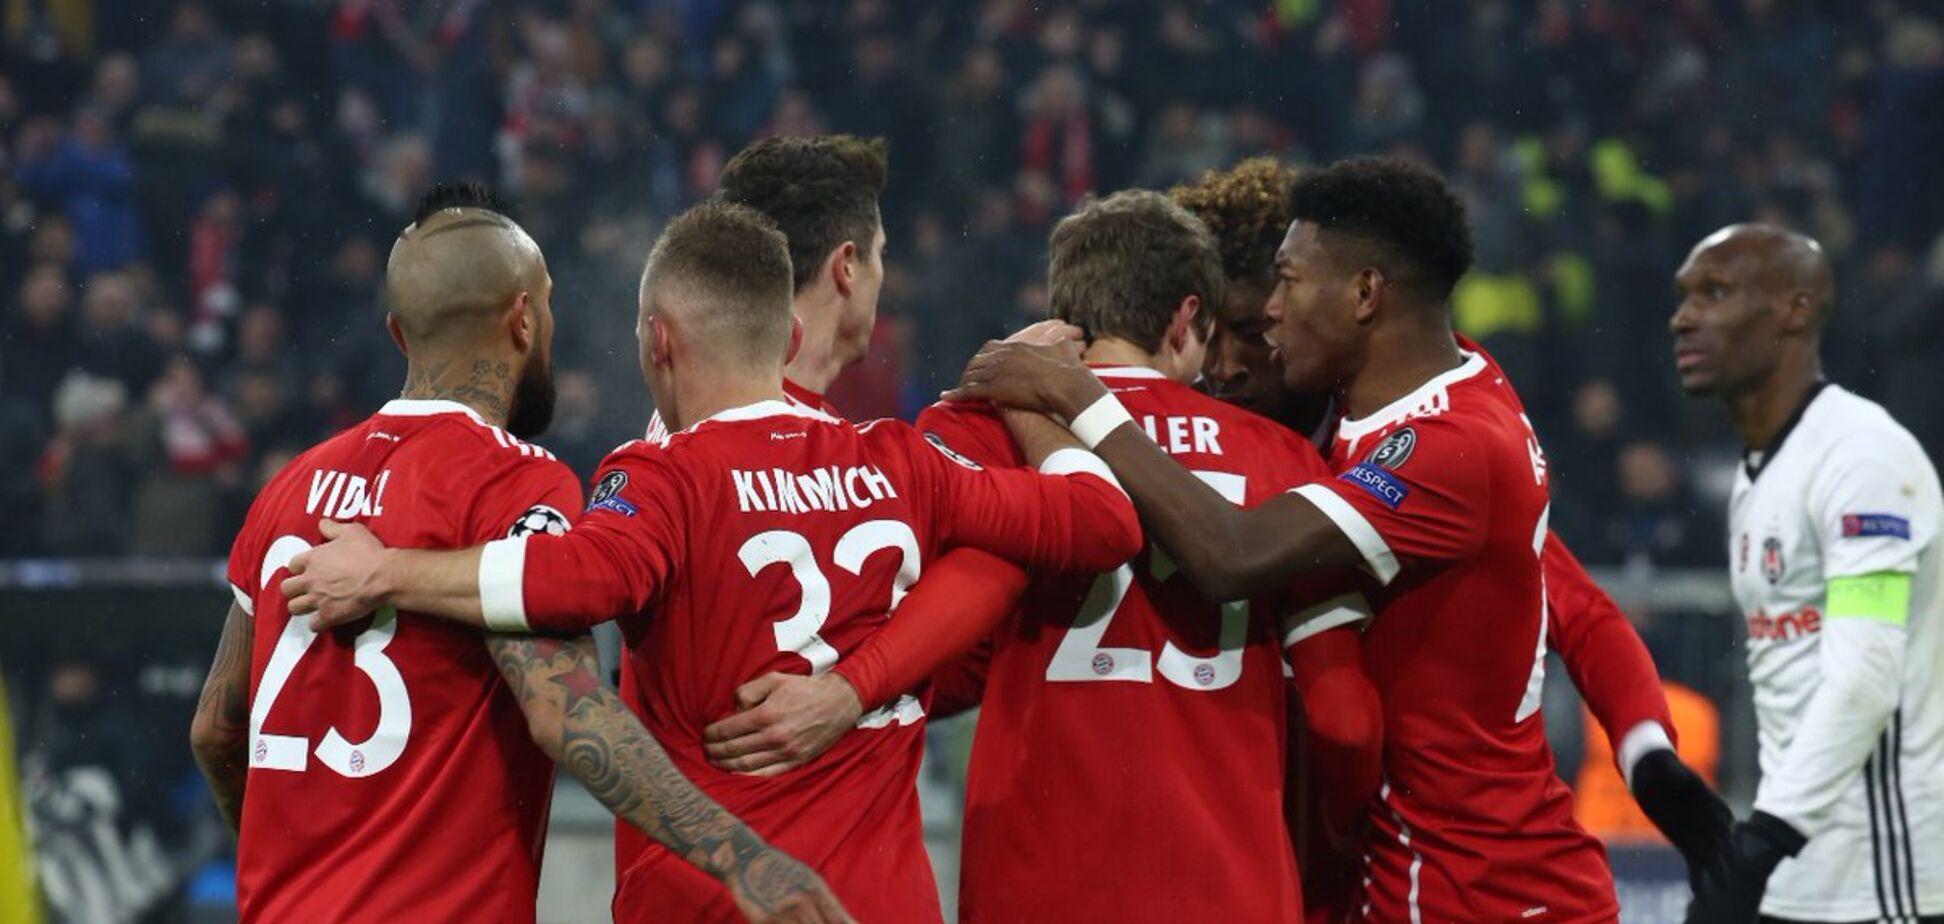 Курьезный гол! Севилья - Бавария: онлайн-трансляция матча 1/4 финала Лиги чемпионов